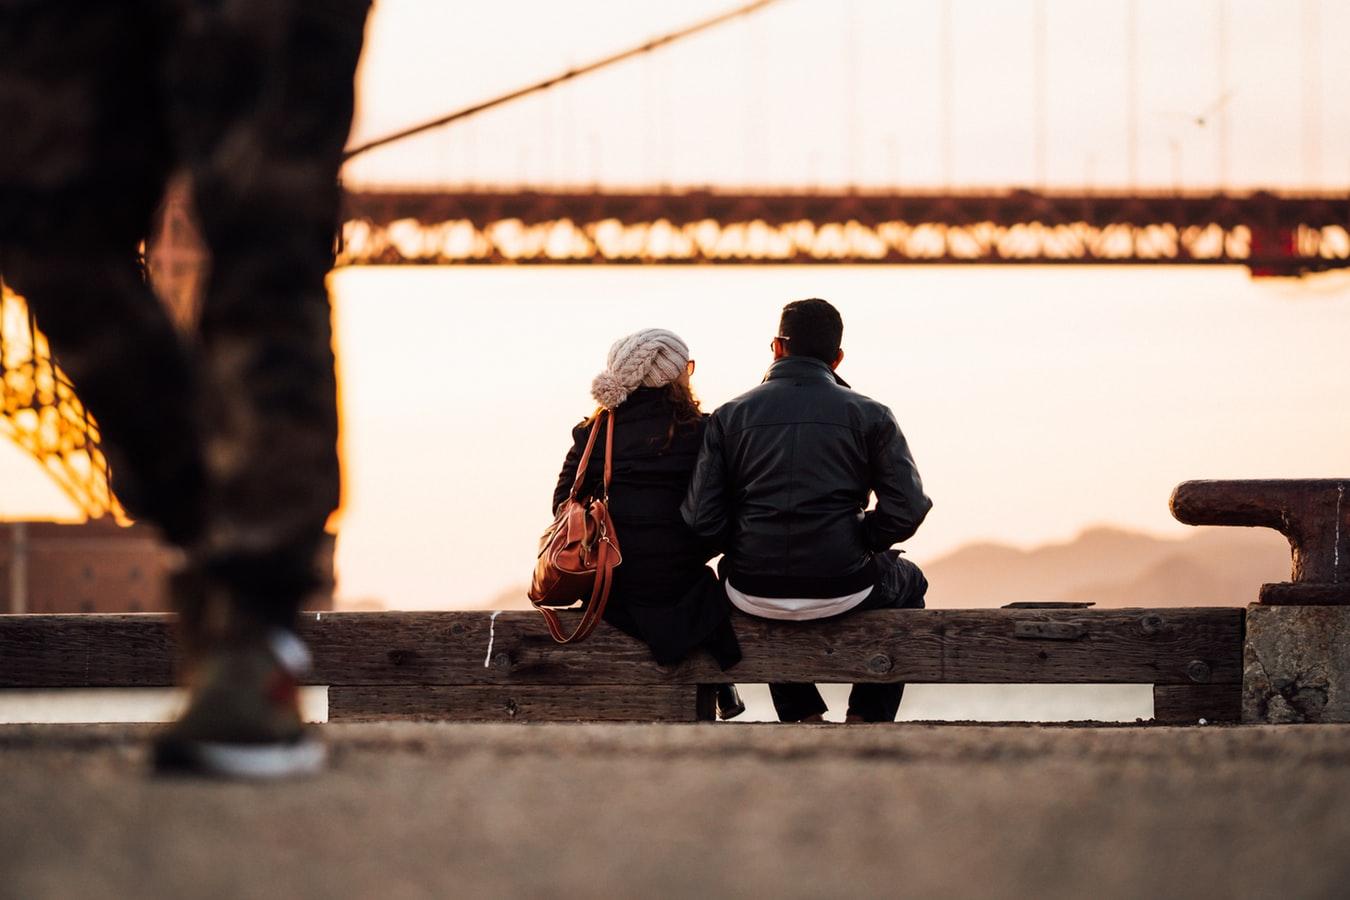 viajes-para-el-Puente-de-Diciembre-pareja